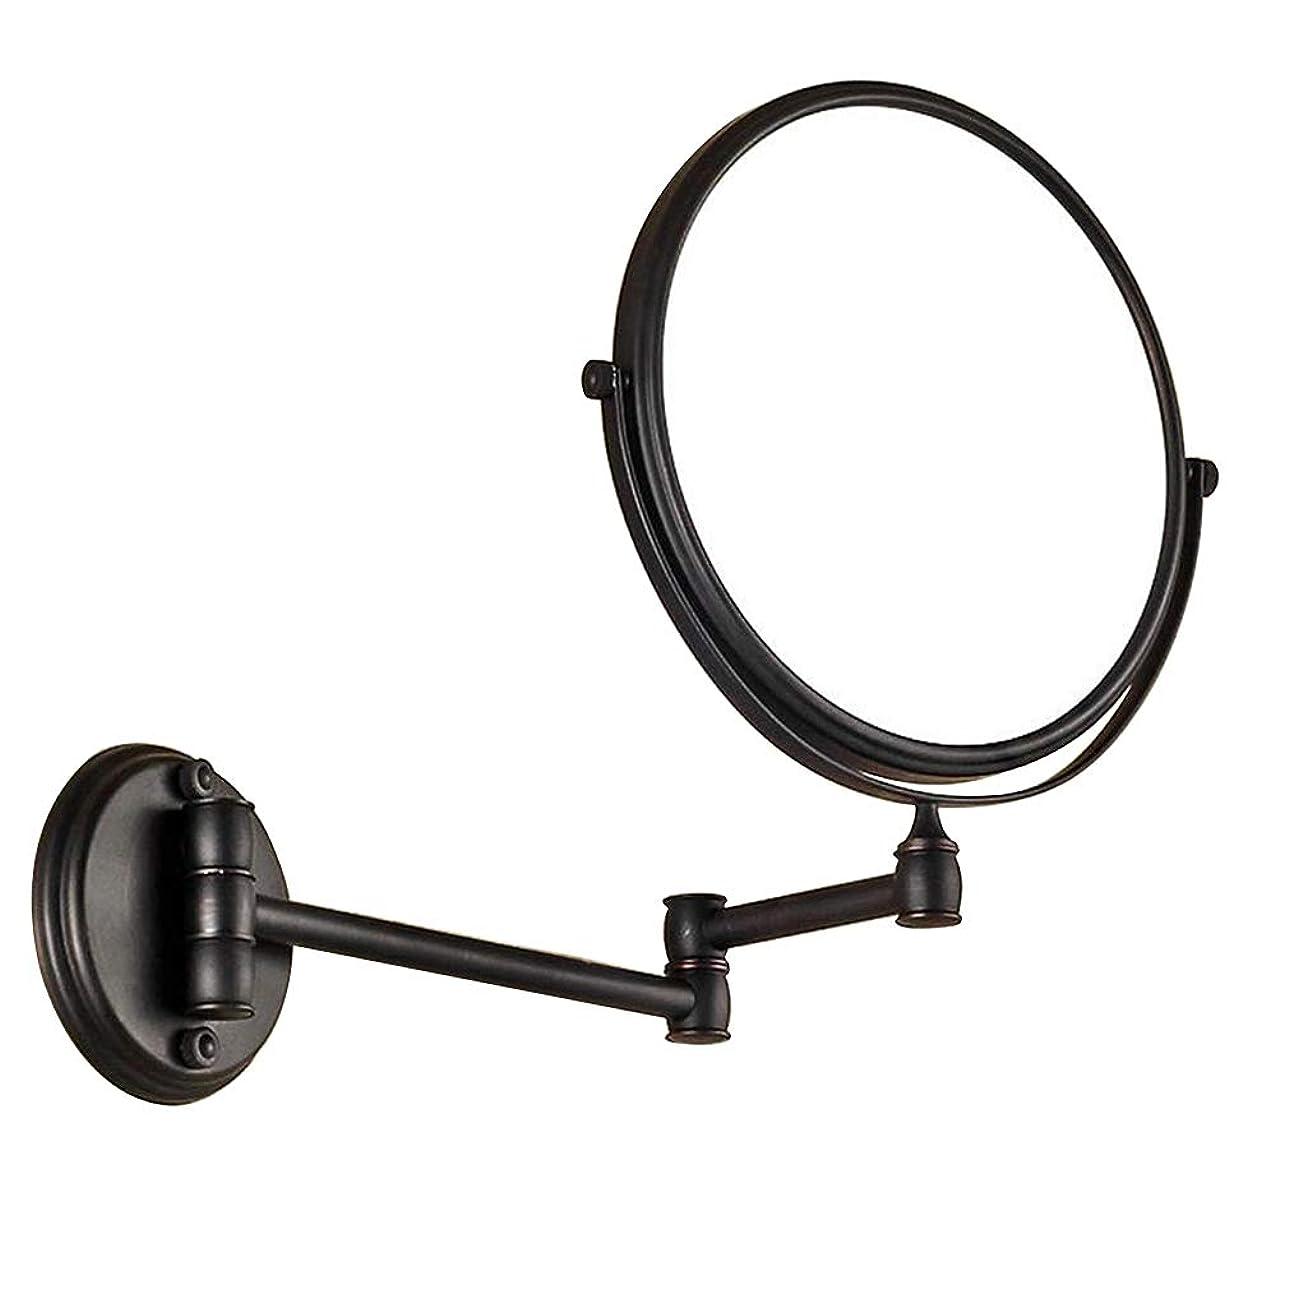 レコーダー暖かさ住居HUYYA 化粧鏡、3倍拡大 化粧ミラー 両面 壁掛け式 けメイクミラー 360 °回転 伸縮可能折りバスルームの鏡,Black_8inch